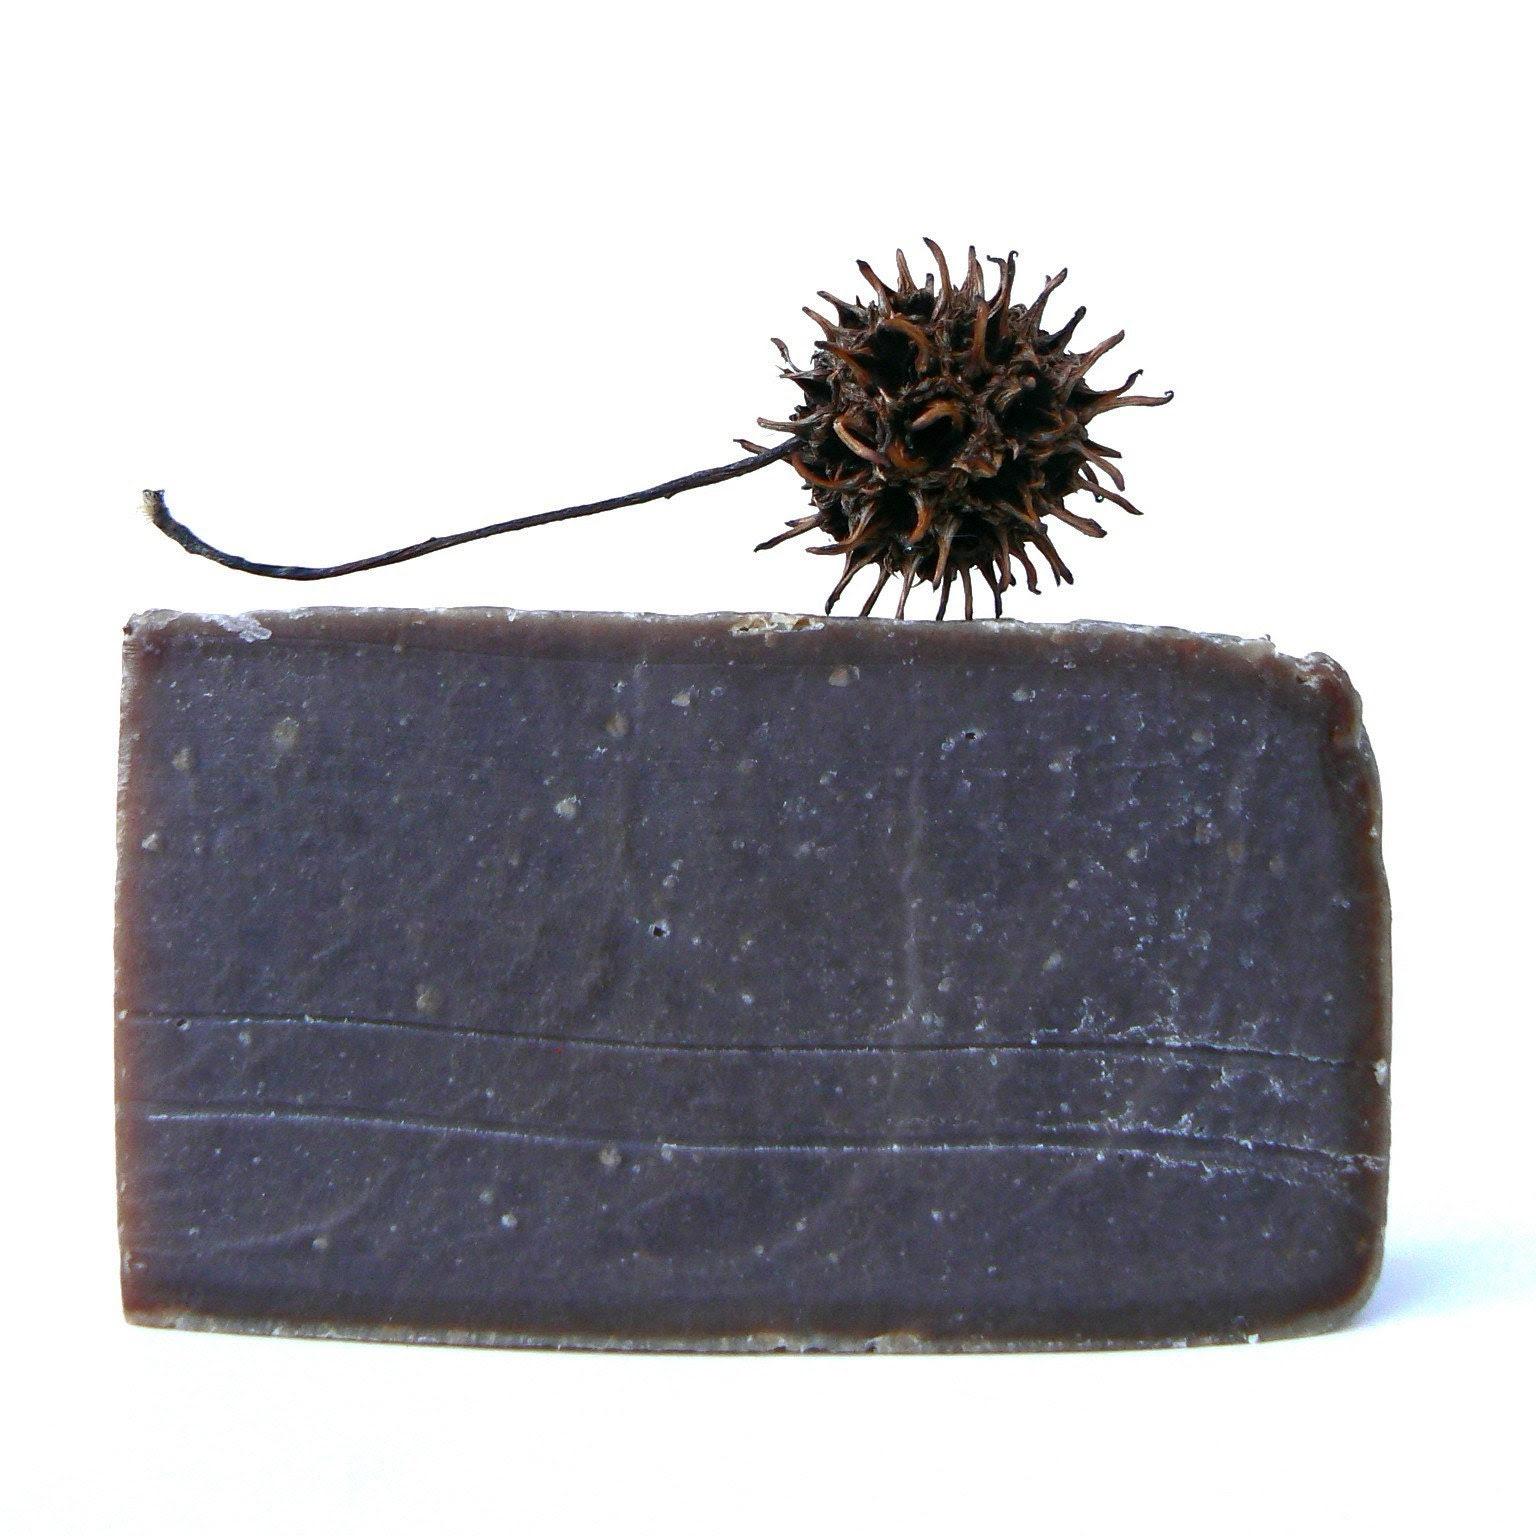 Vanilla Dream soap bar - 4 oz